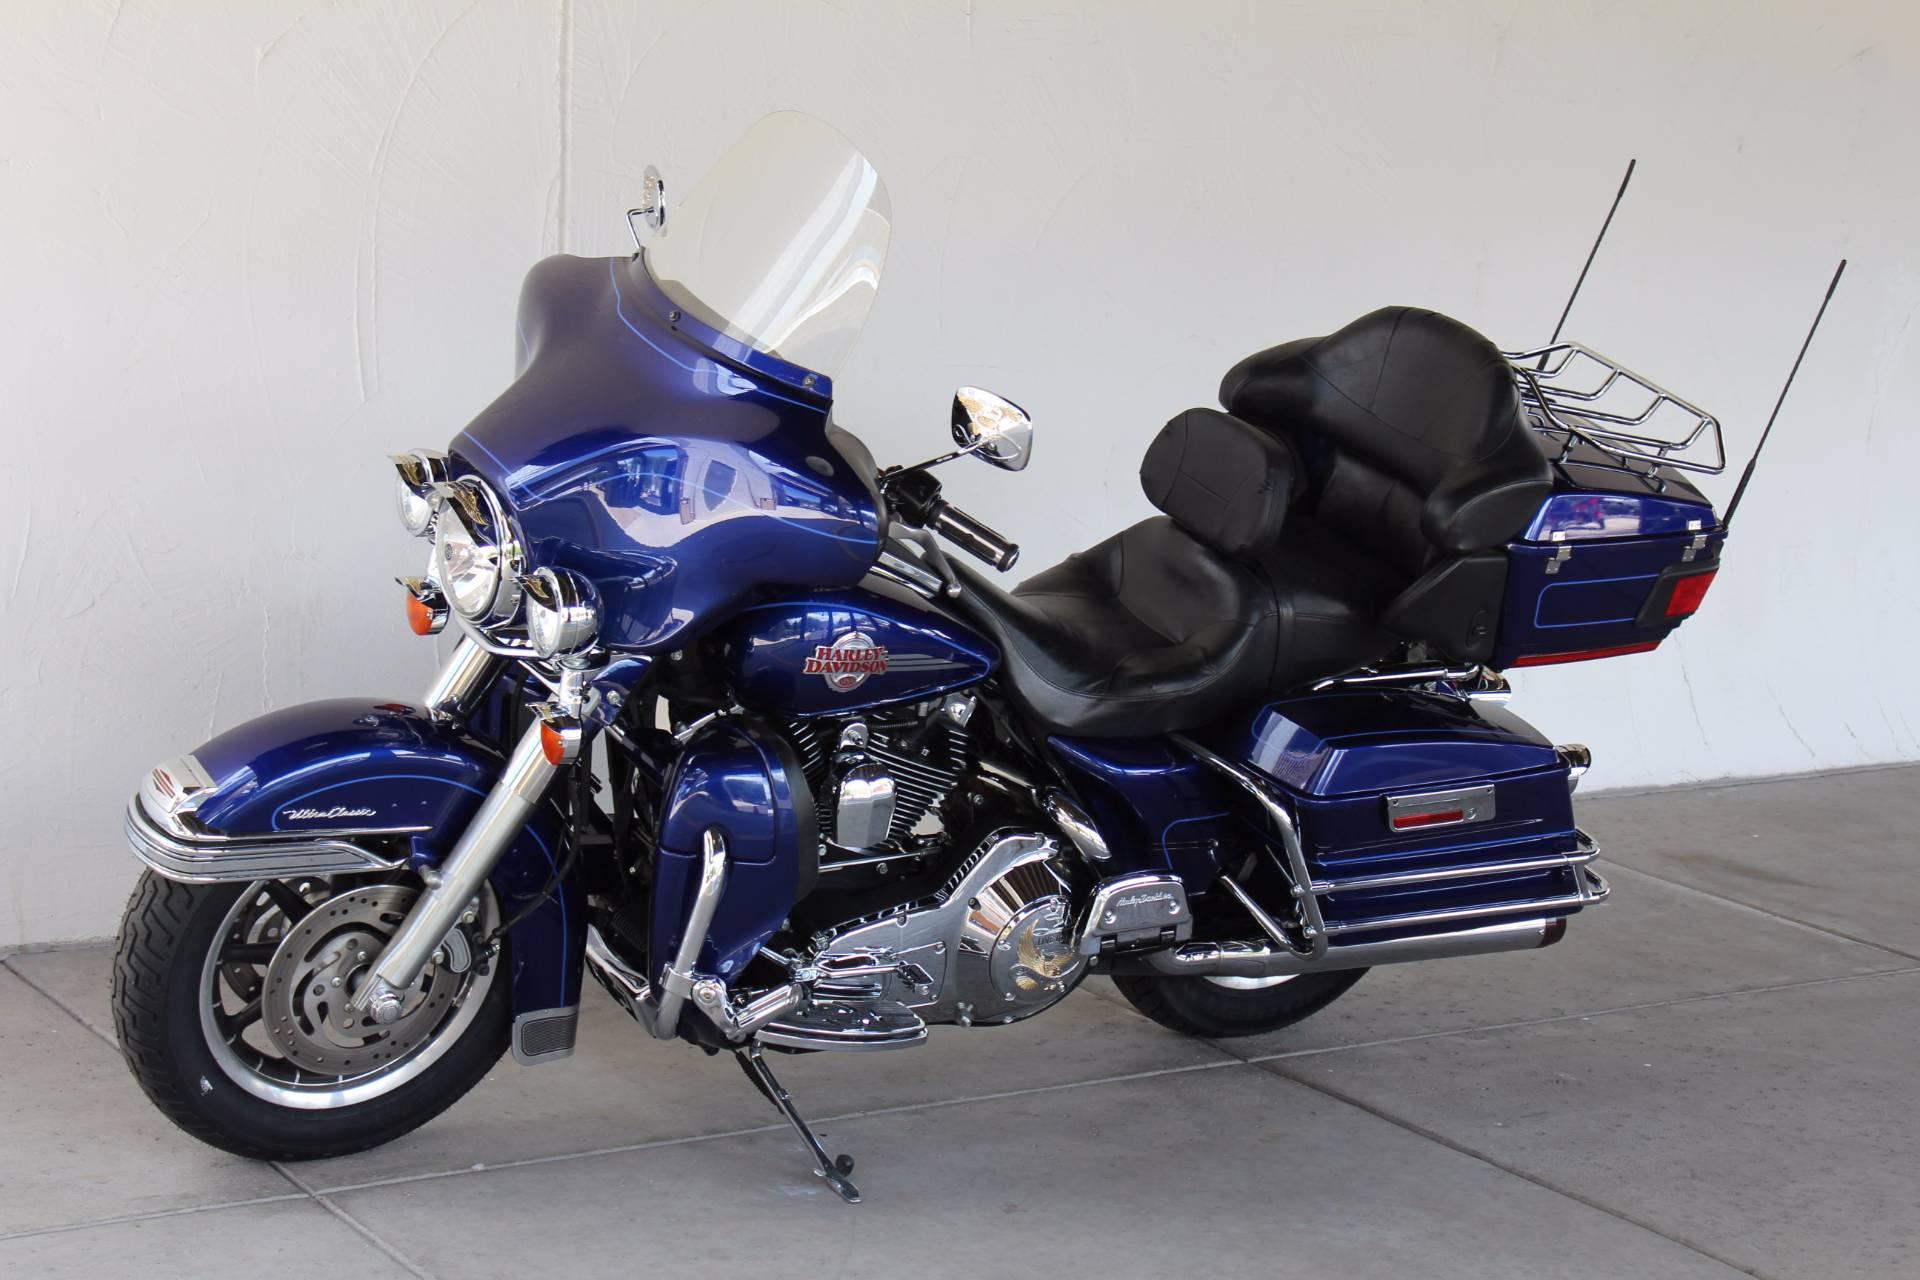 Harley Davidson Electra Glide For Sale Tulsa Ok >> 2006 Harley-Davidson Ultra Classic Electra Glide For Sale